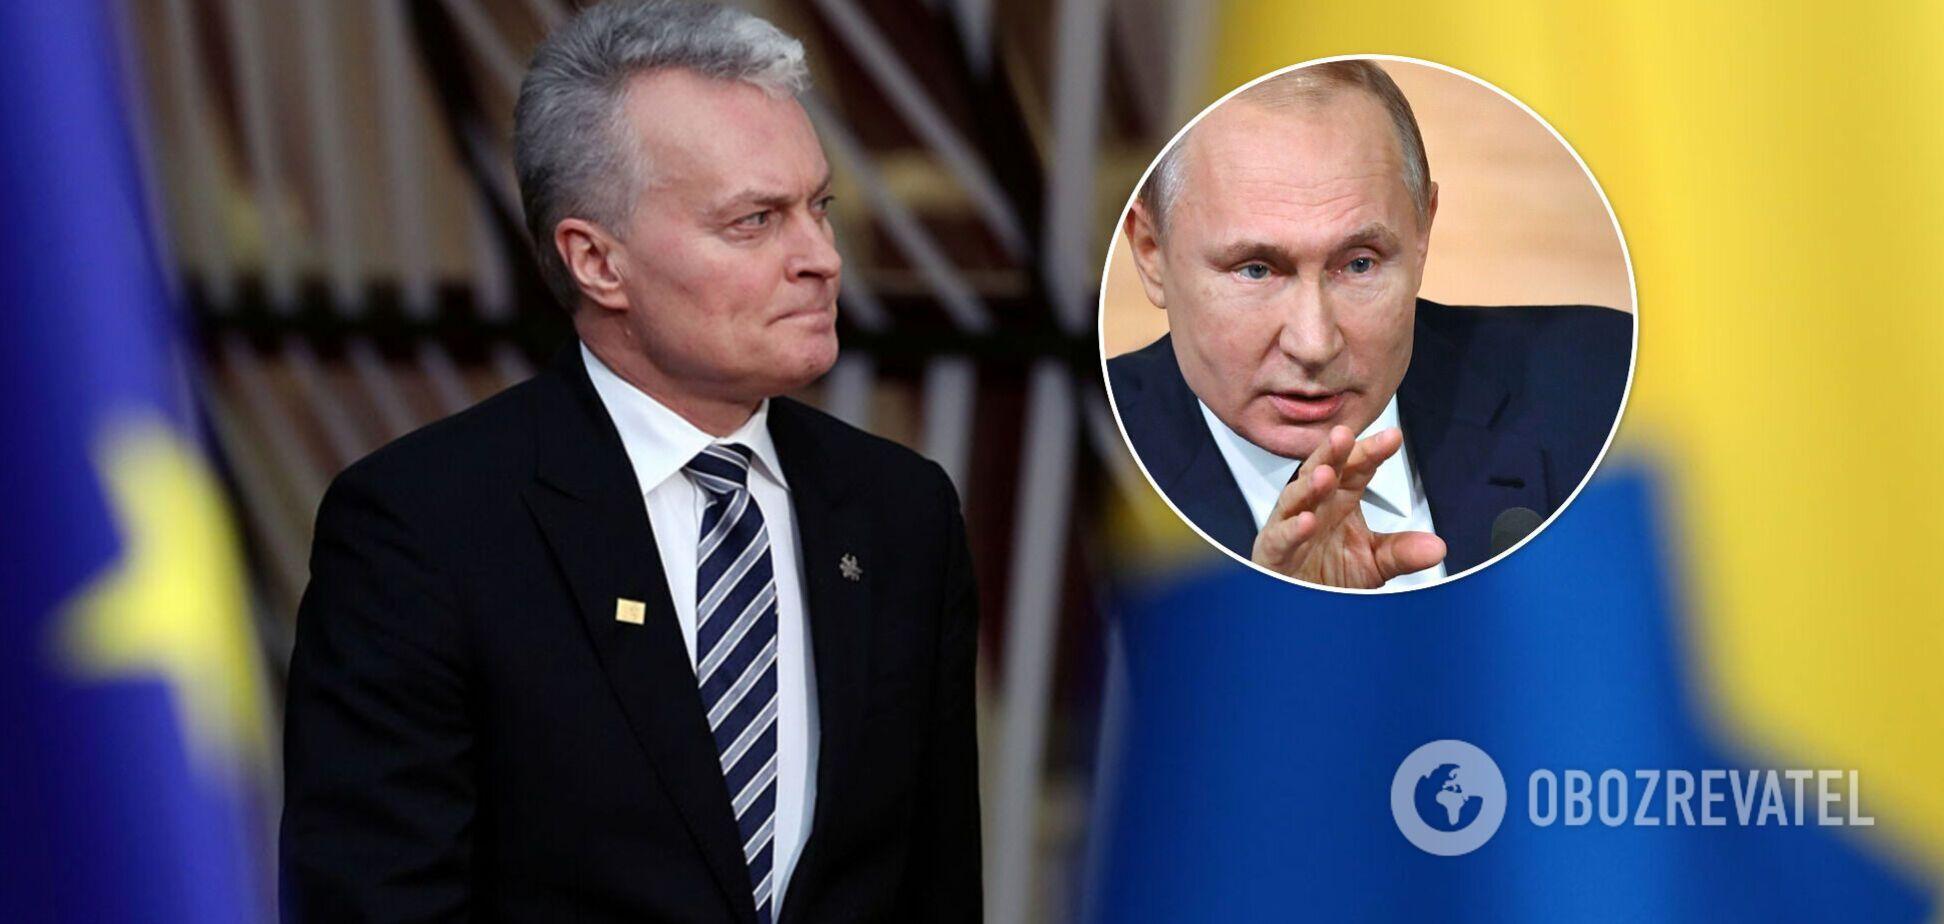 Президент Литви пояснив свою фразу про 'вбивцю' Путіна: вся система в РФ така. Відео